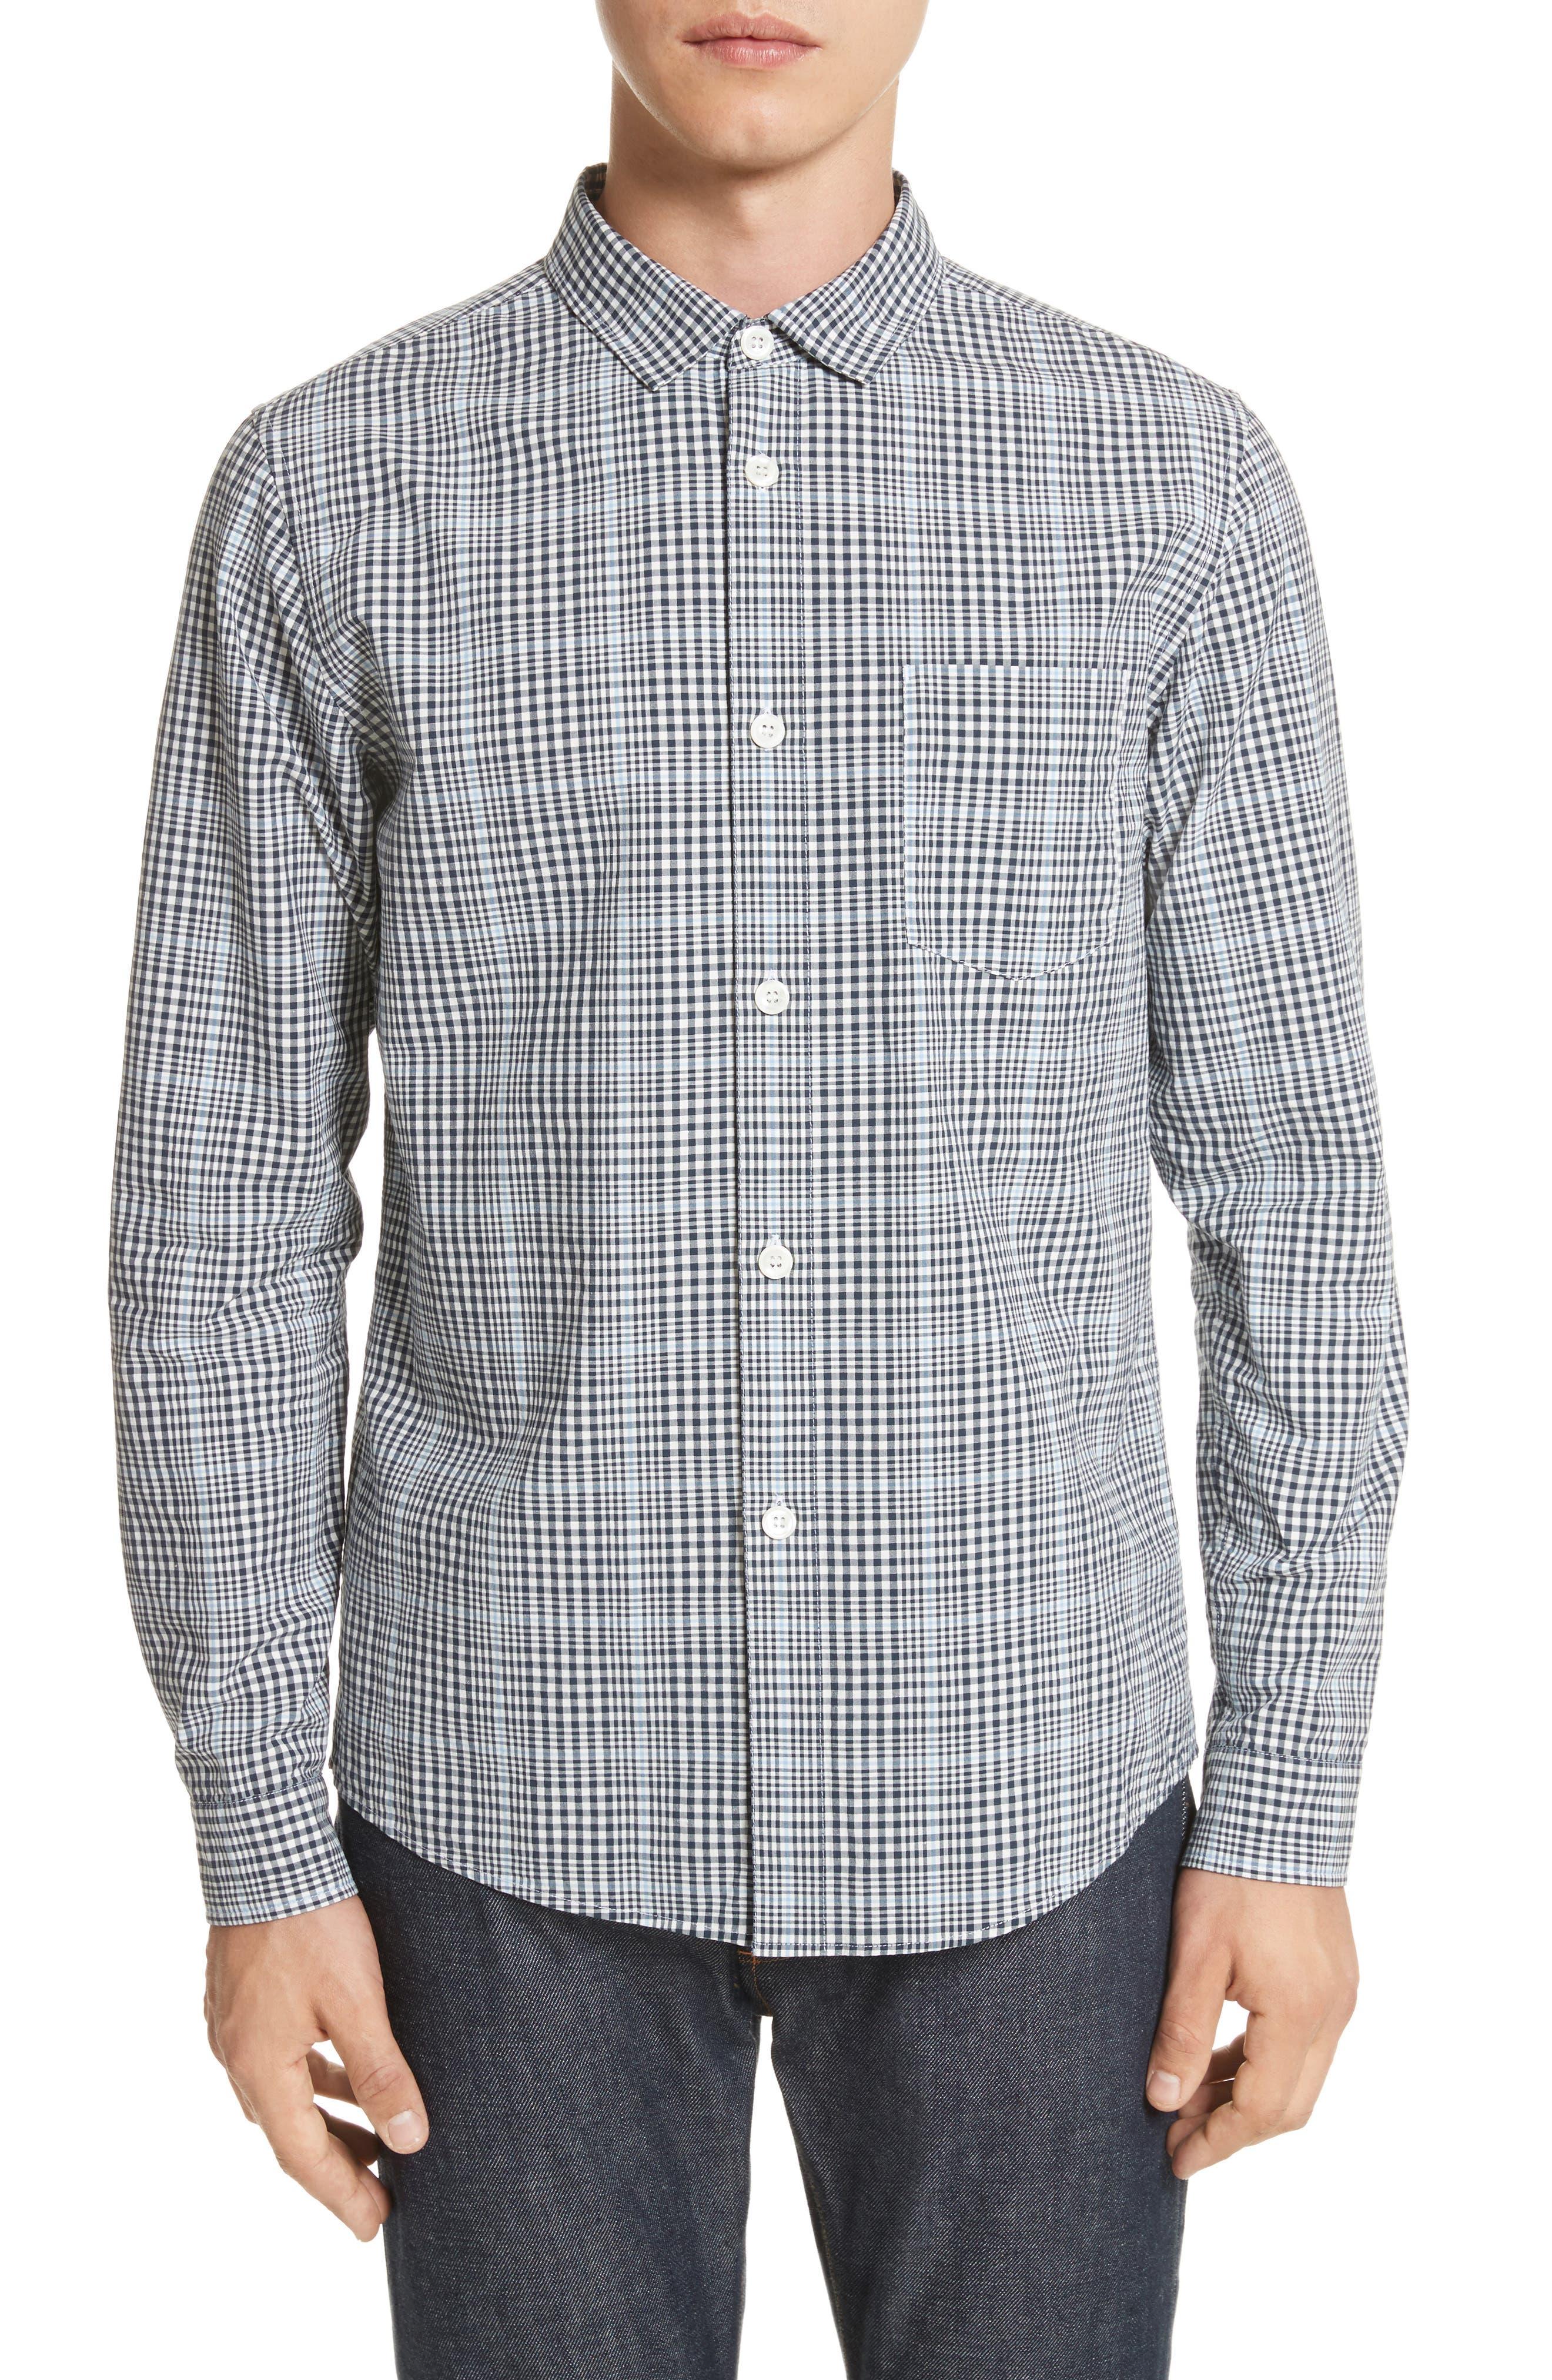 Main Image - A.P.C. John Check Woven Shirt